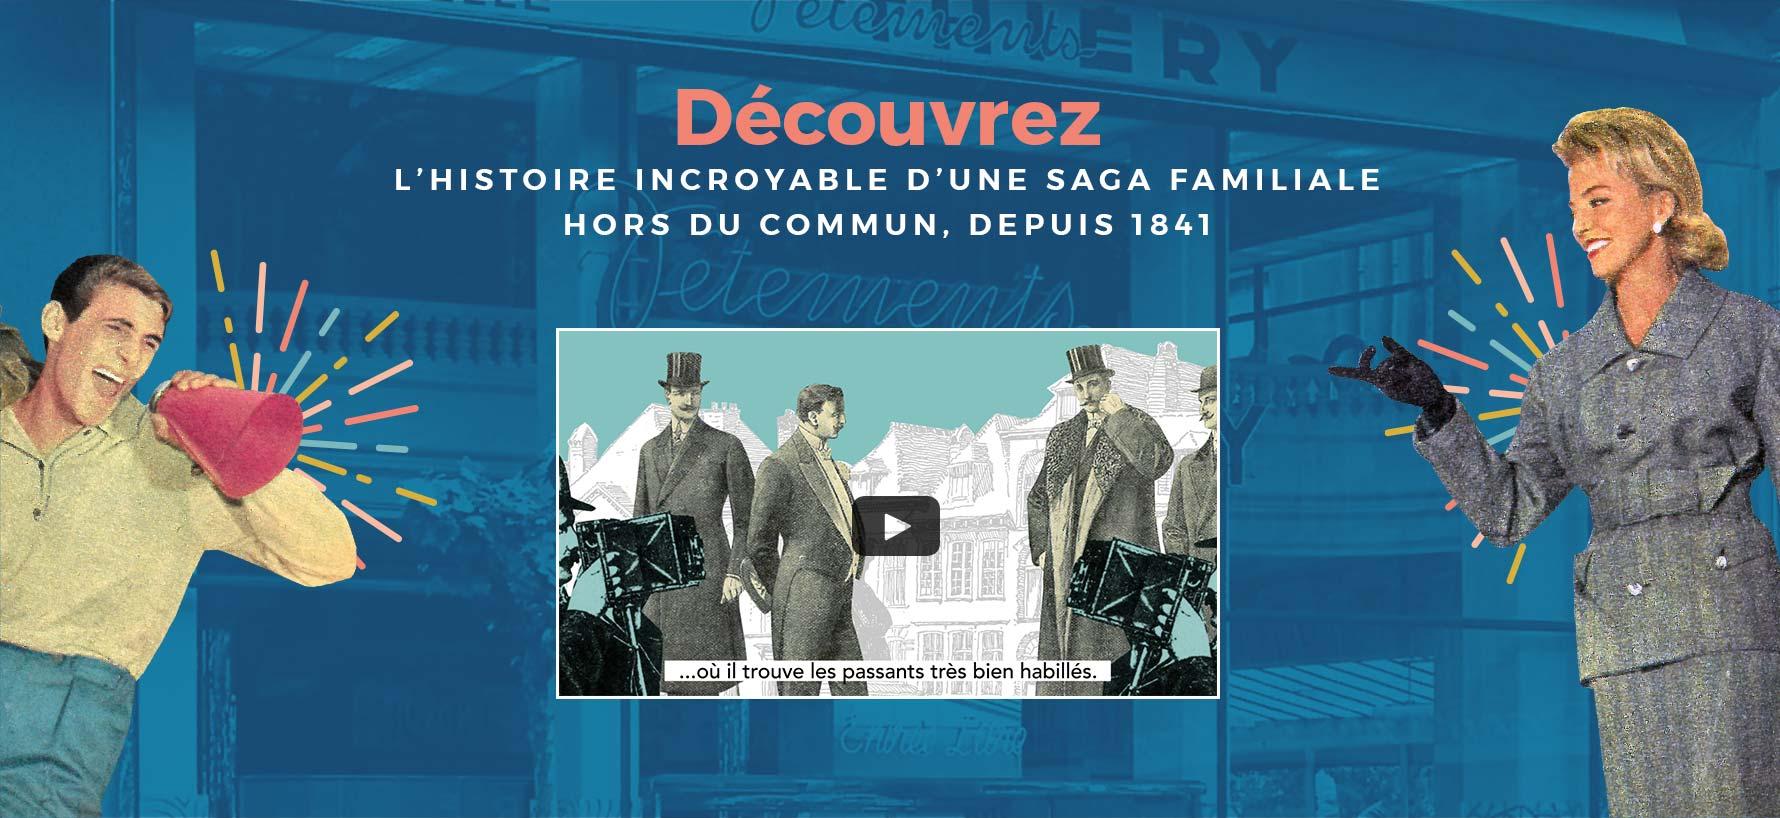 L'histoire incroyable d'une saga familiales hors du commun, depuis 1841